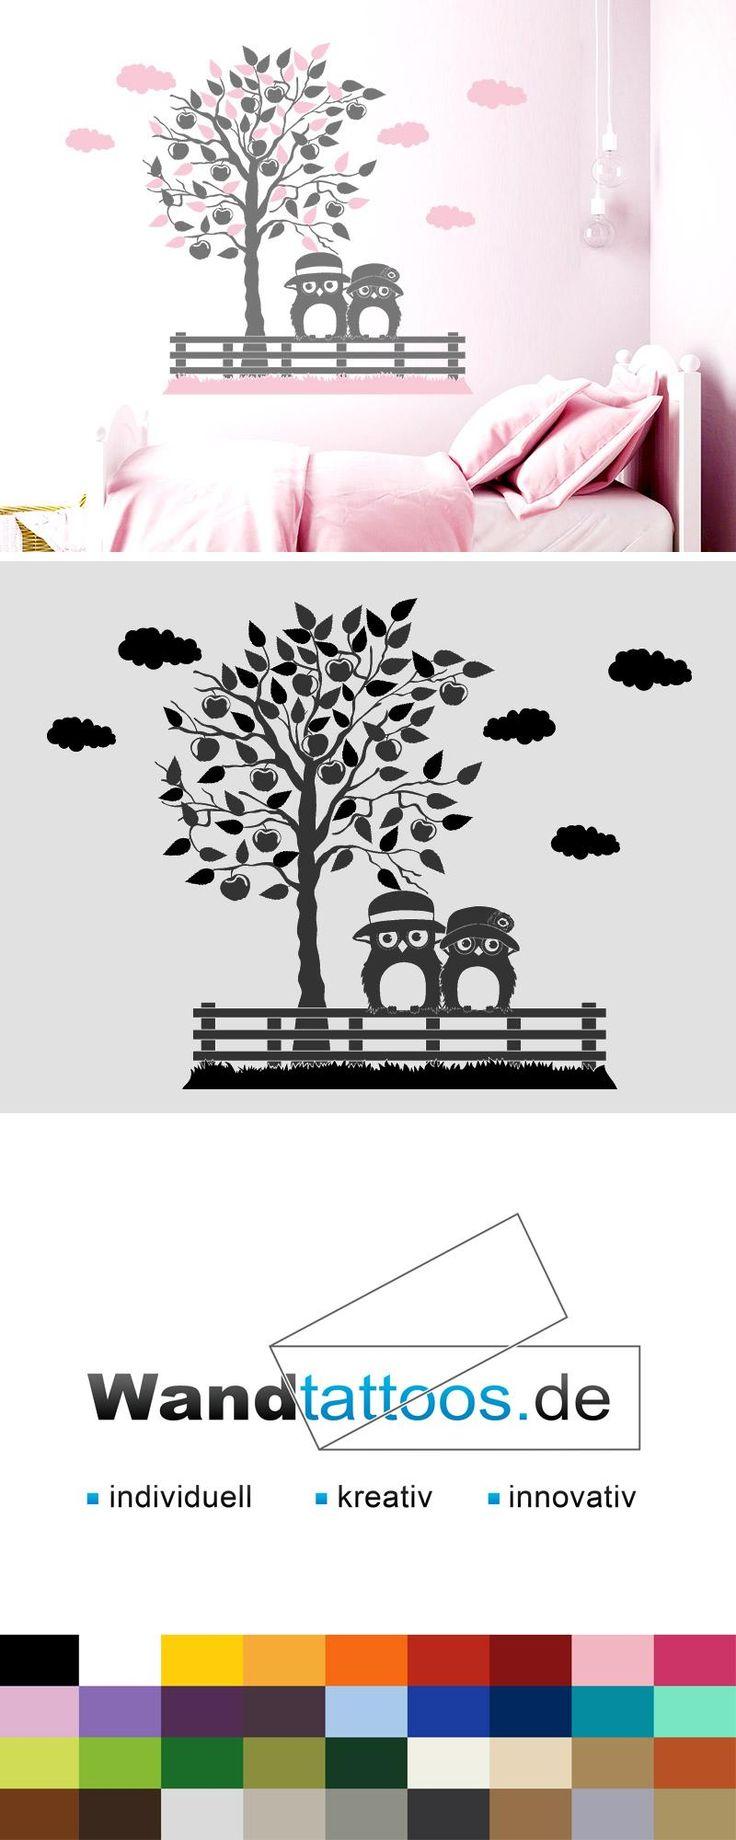 Wandtattoo Eulenpärchen unterm Apfelbaum als Idee zur individuellen Wandgestaltung. Einfach Lieblingsfarbe und Größe auswählen. Weitere kreative Anregungen von Wandtattoos.de hier entdecken!